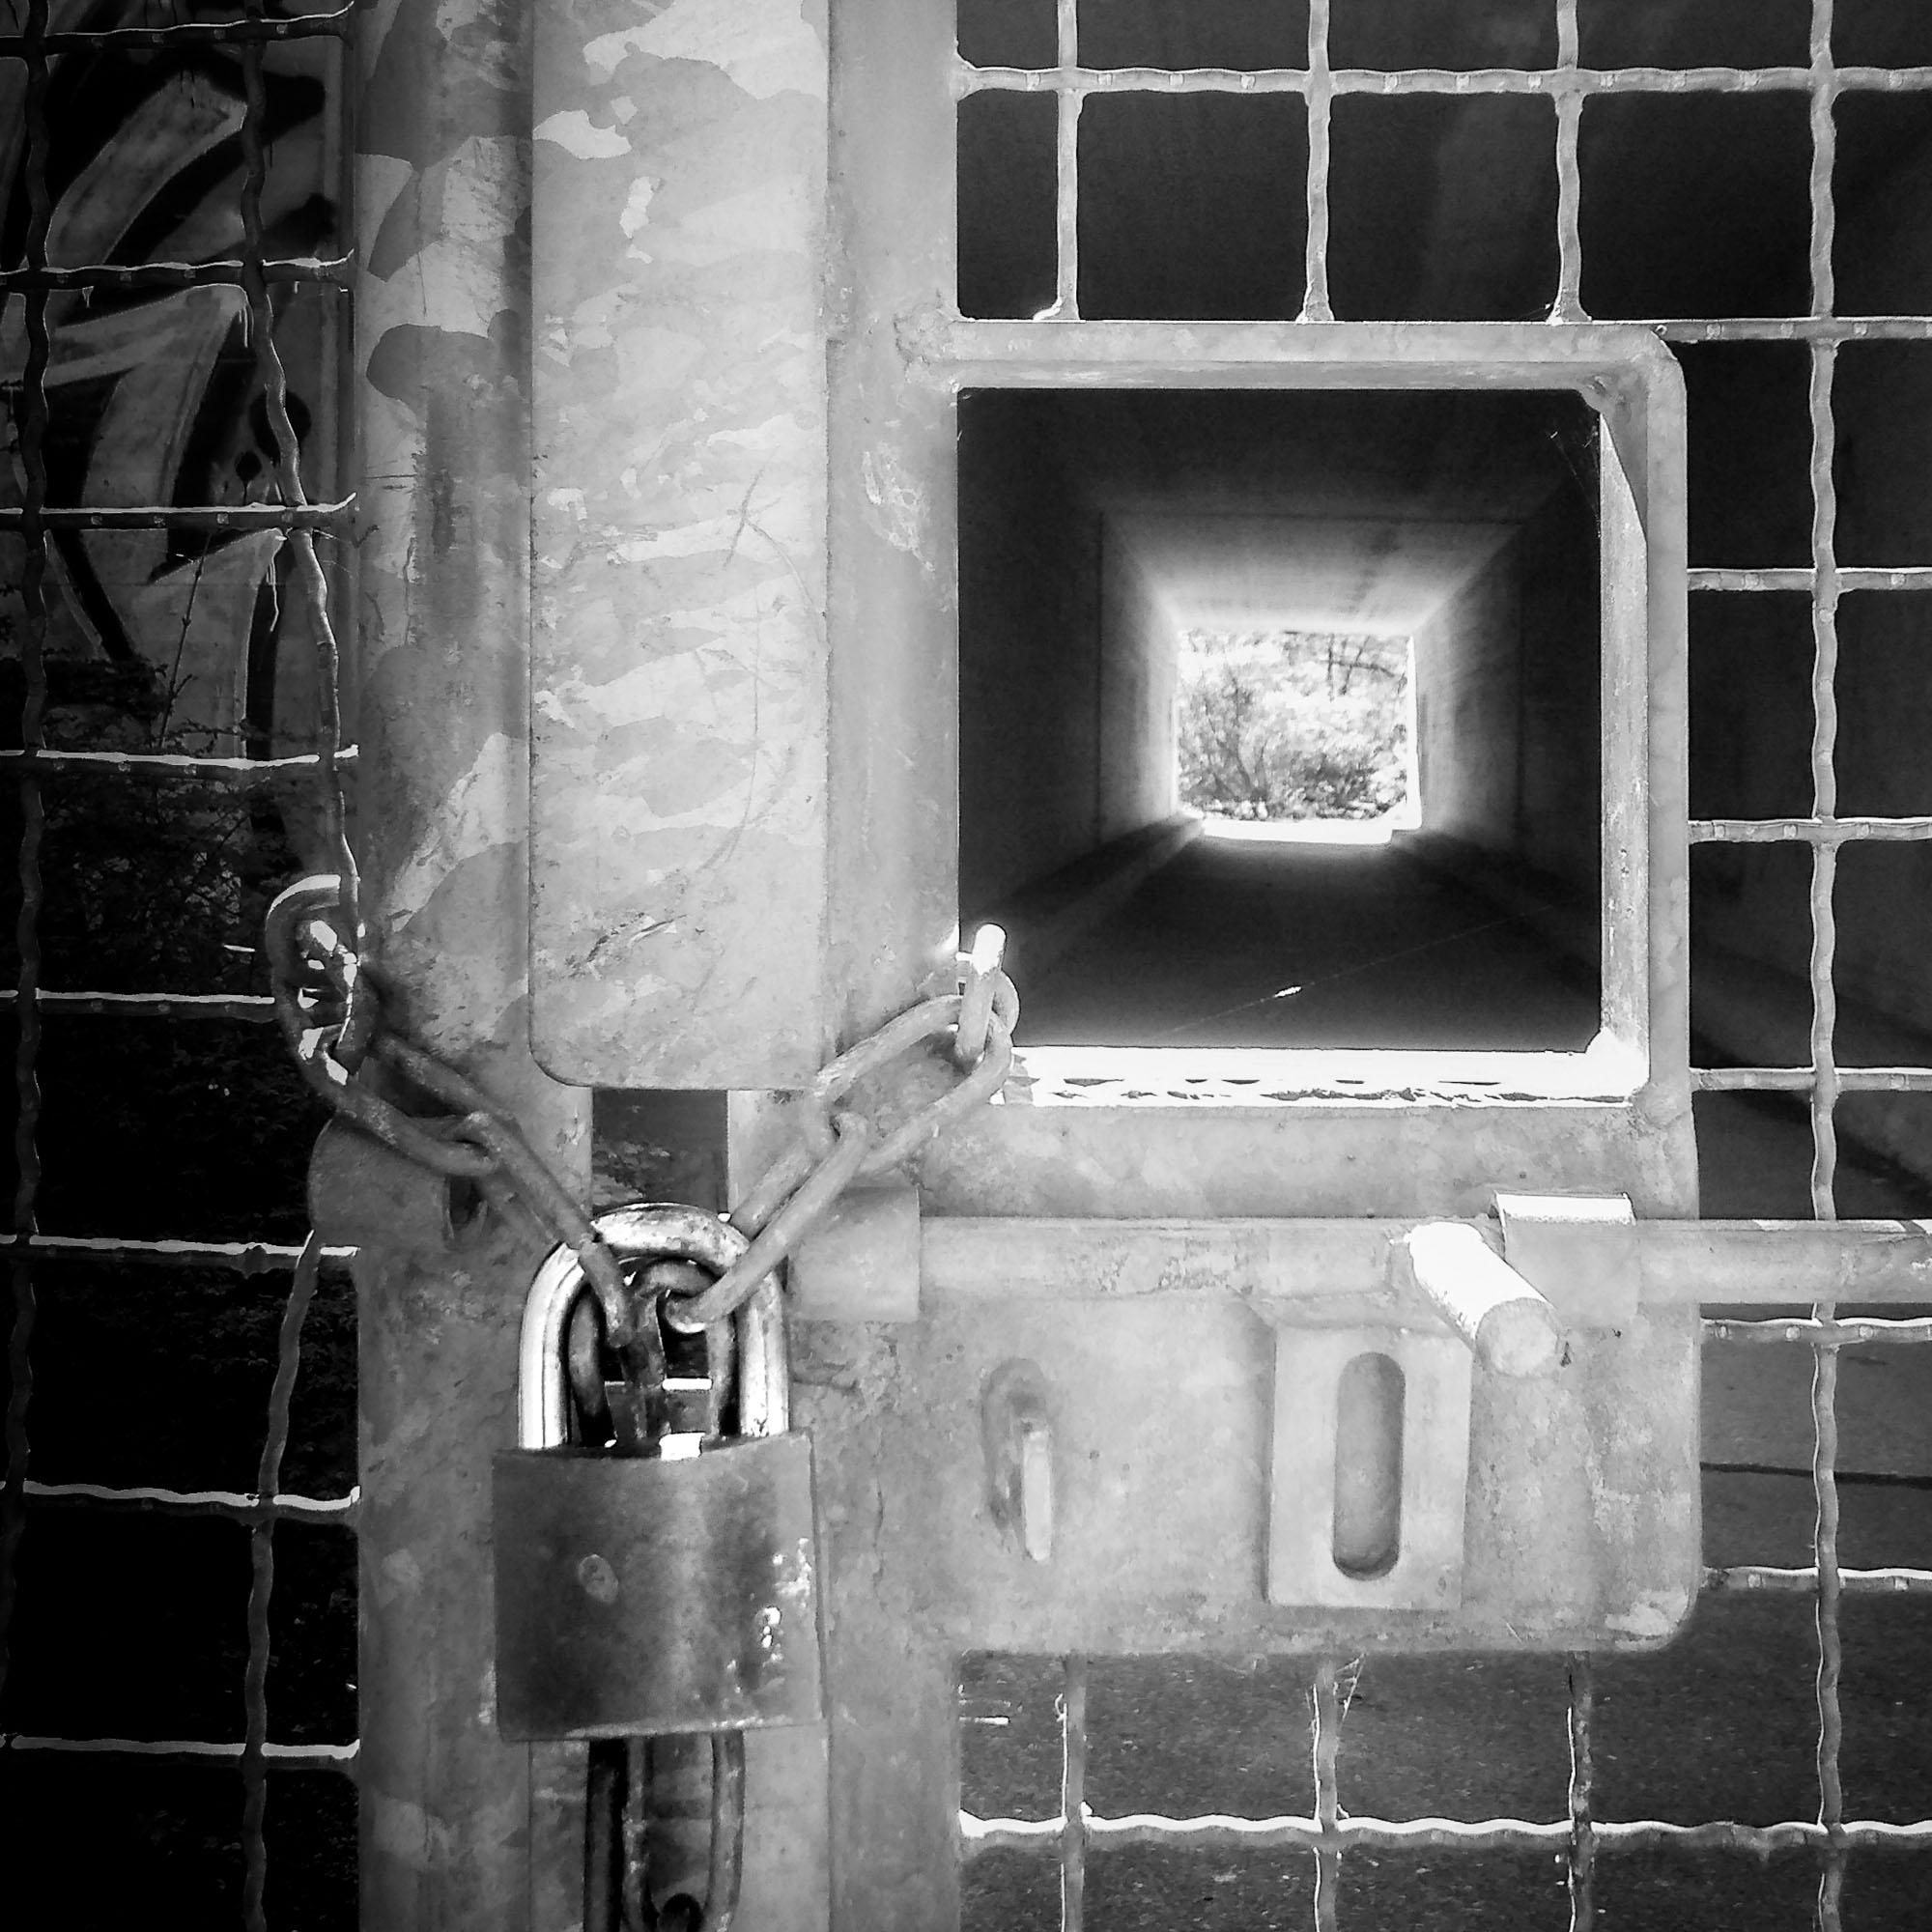 dotmatchbox / verschlossen